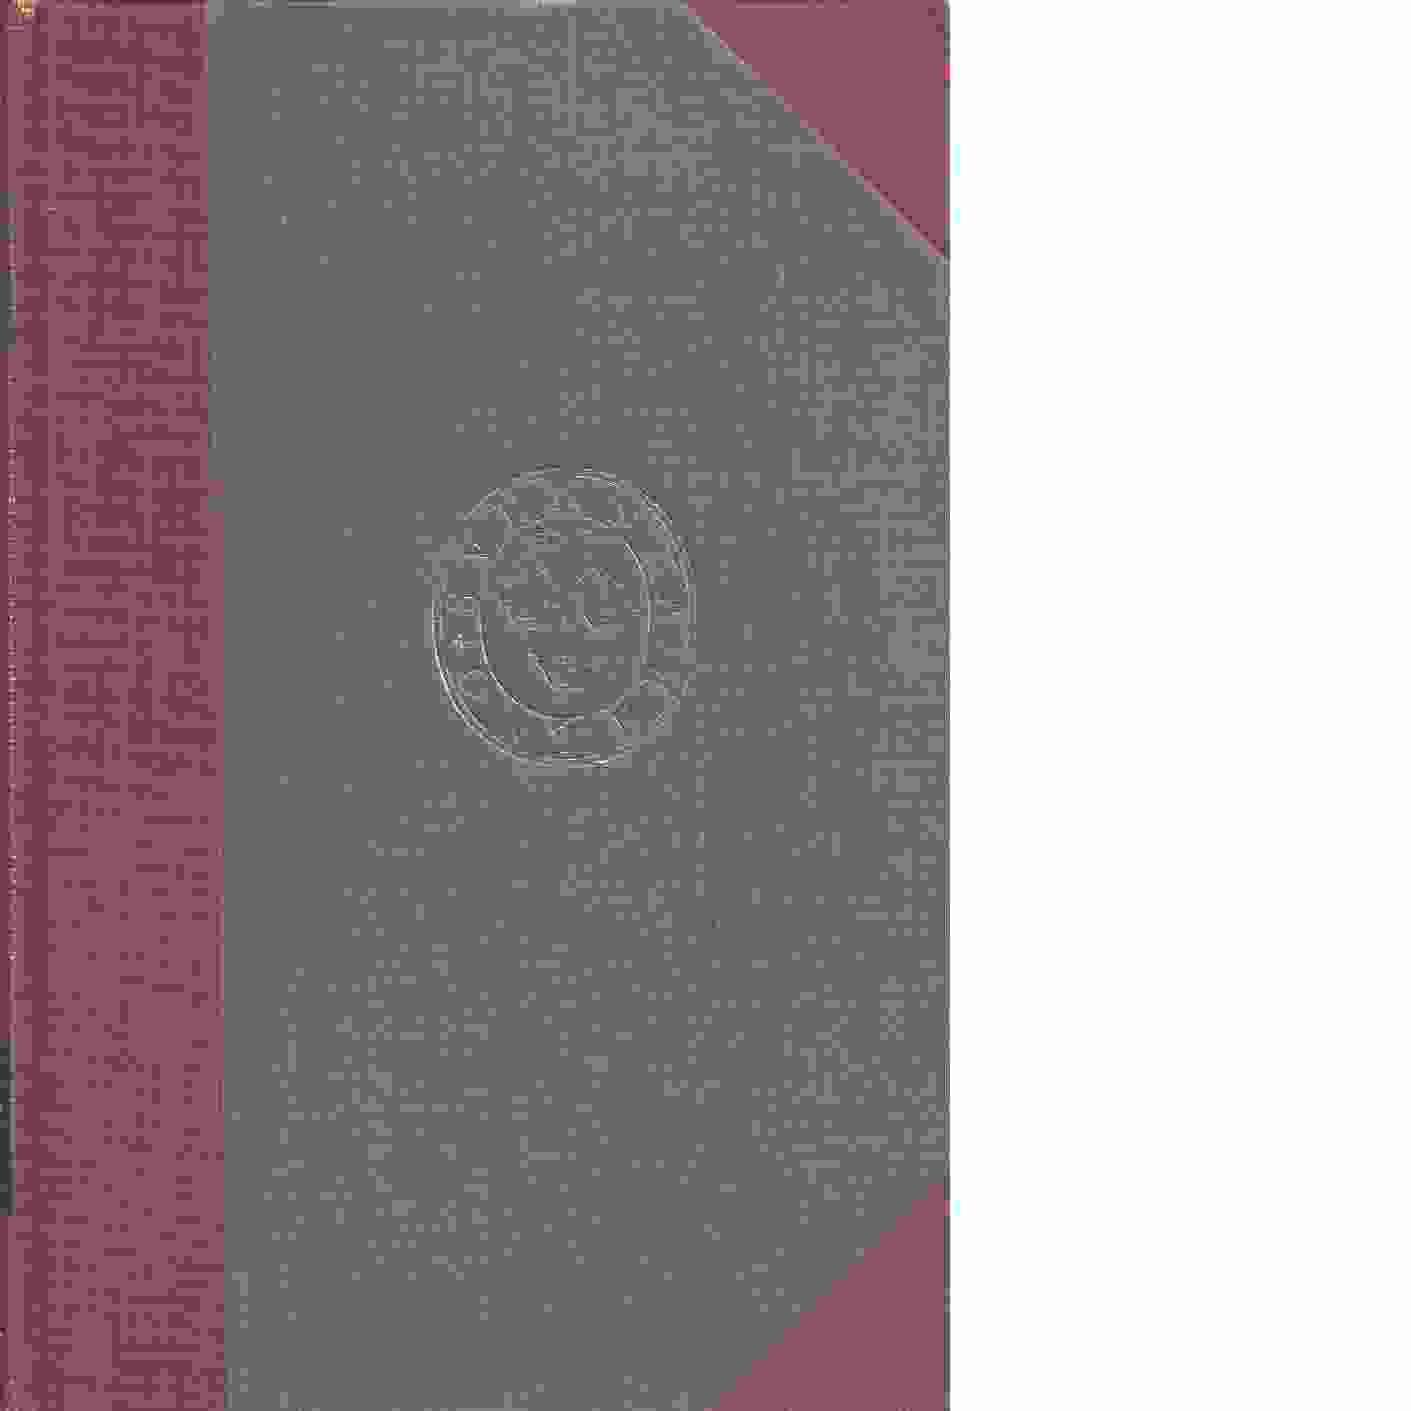 Svenska orter : ortbeskrivning : D. 1:[2], D. 1:[3], Ortbeskrivning. A-Ö - Red. Rosén, Karl D. P.